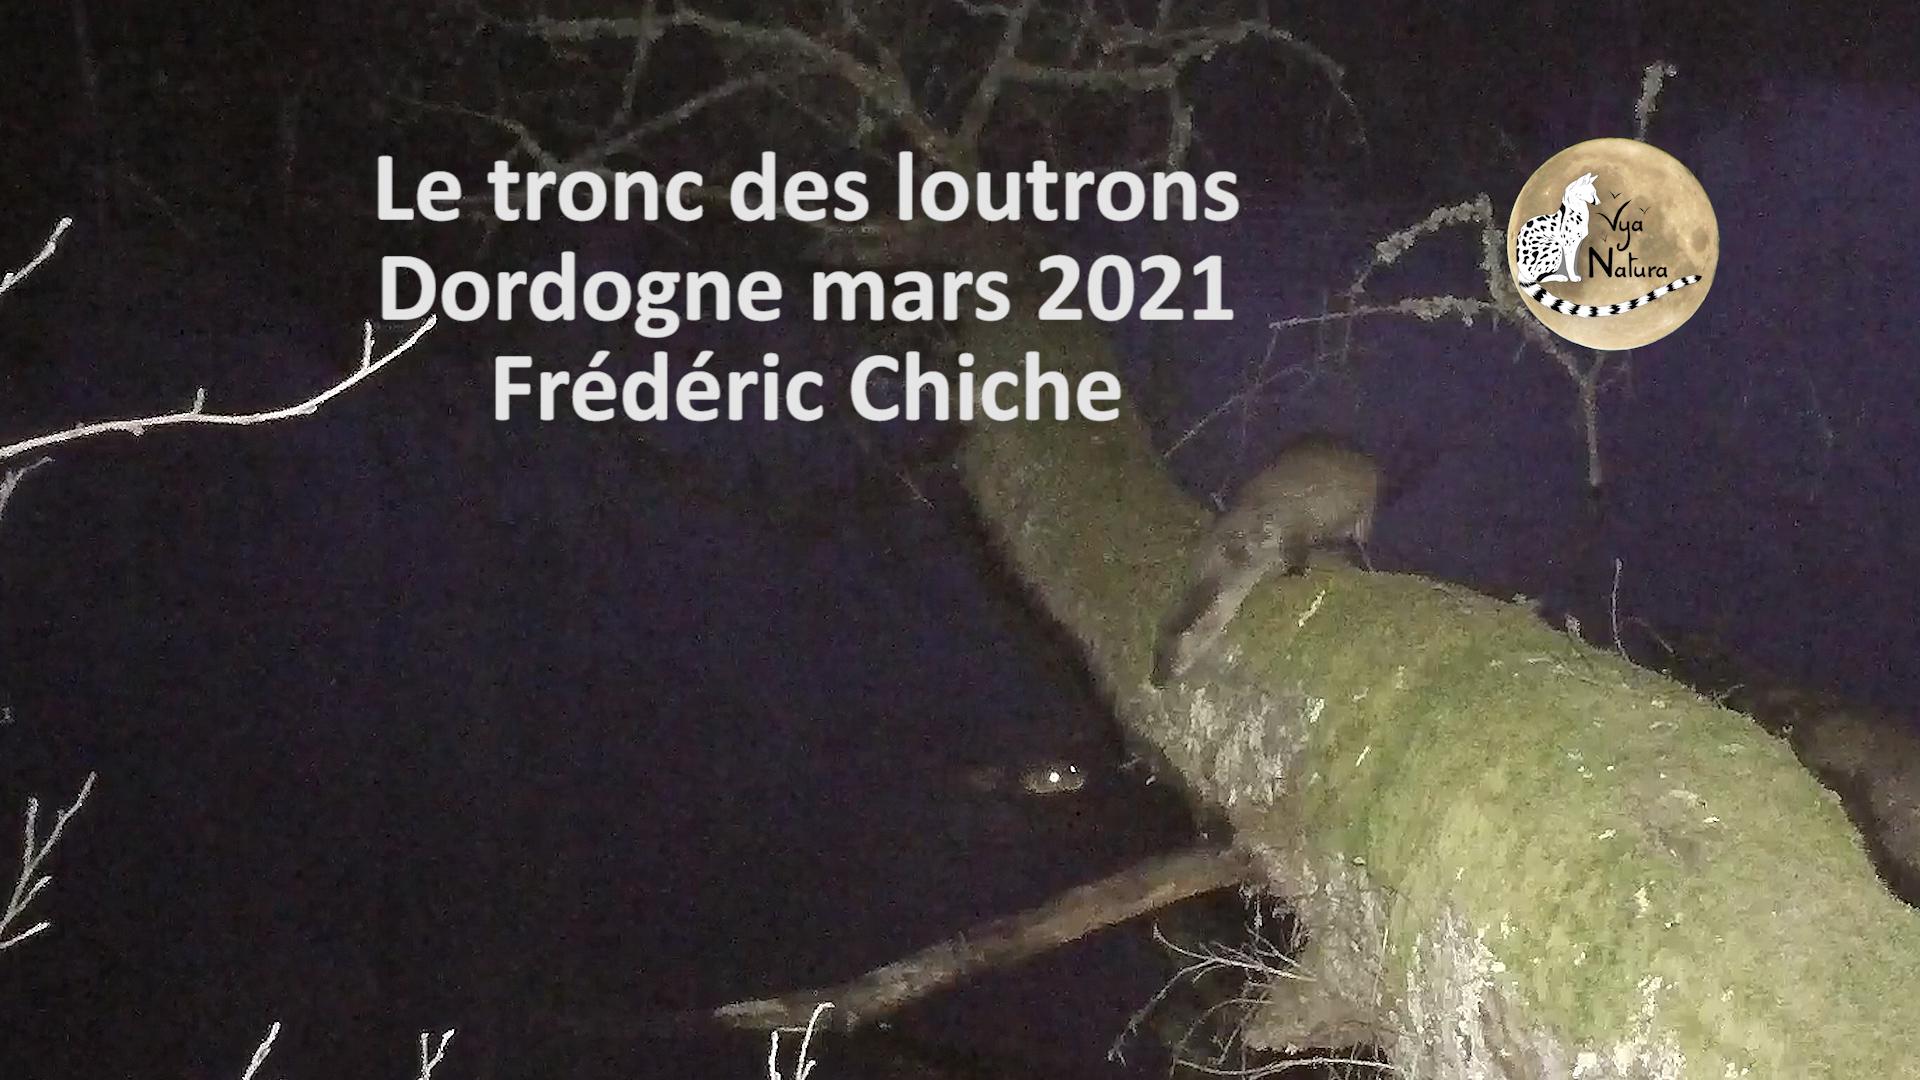 Le tronc des loutrons